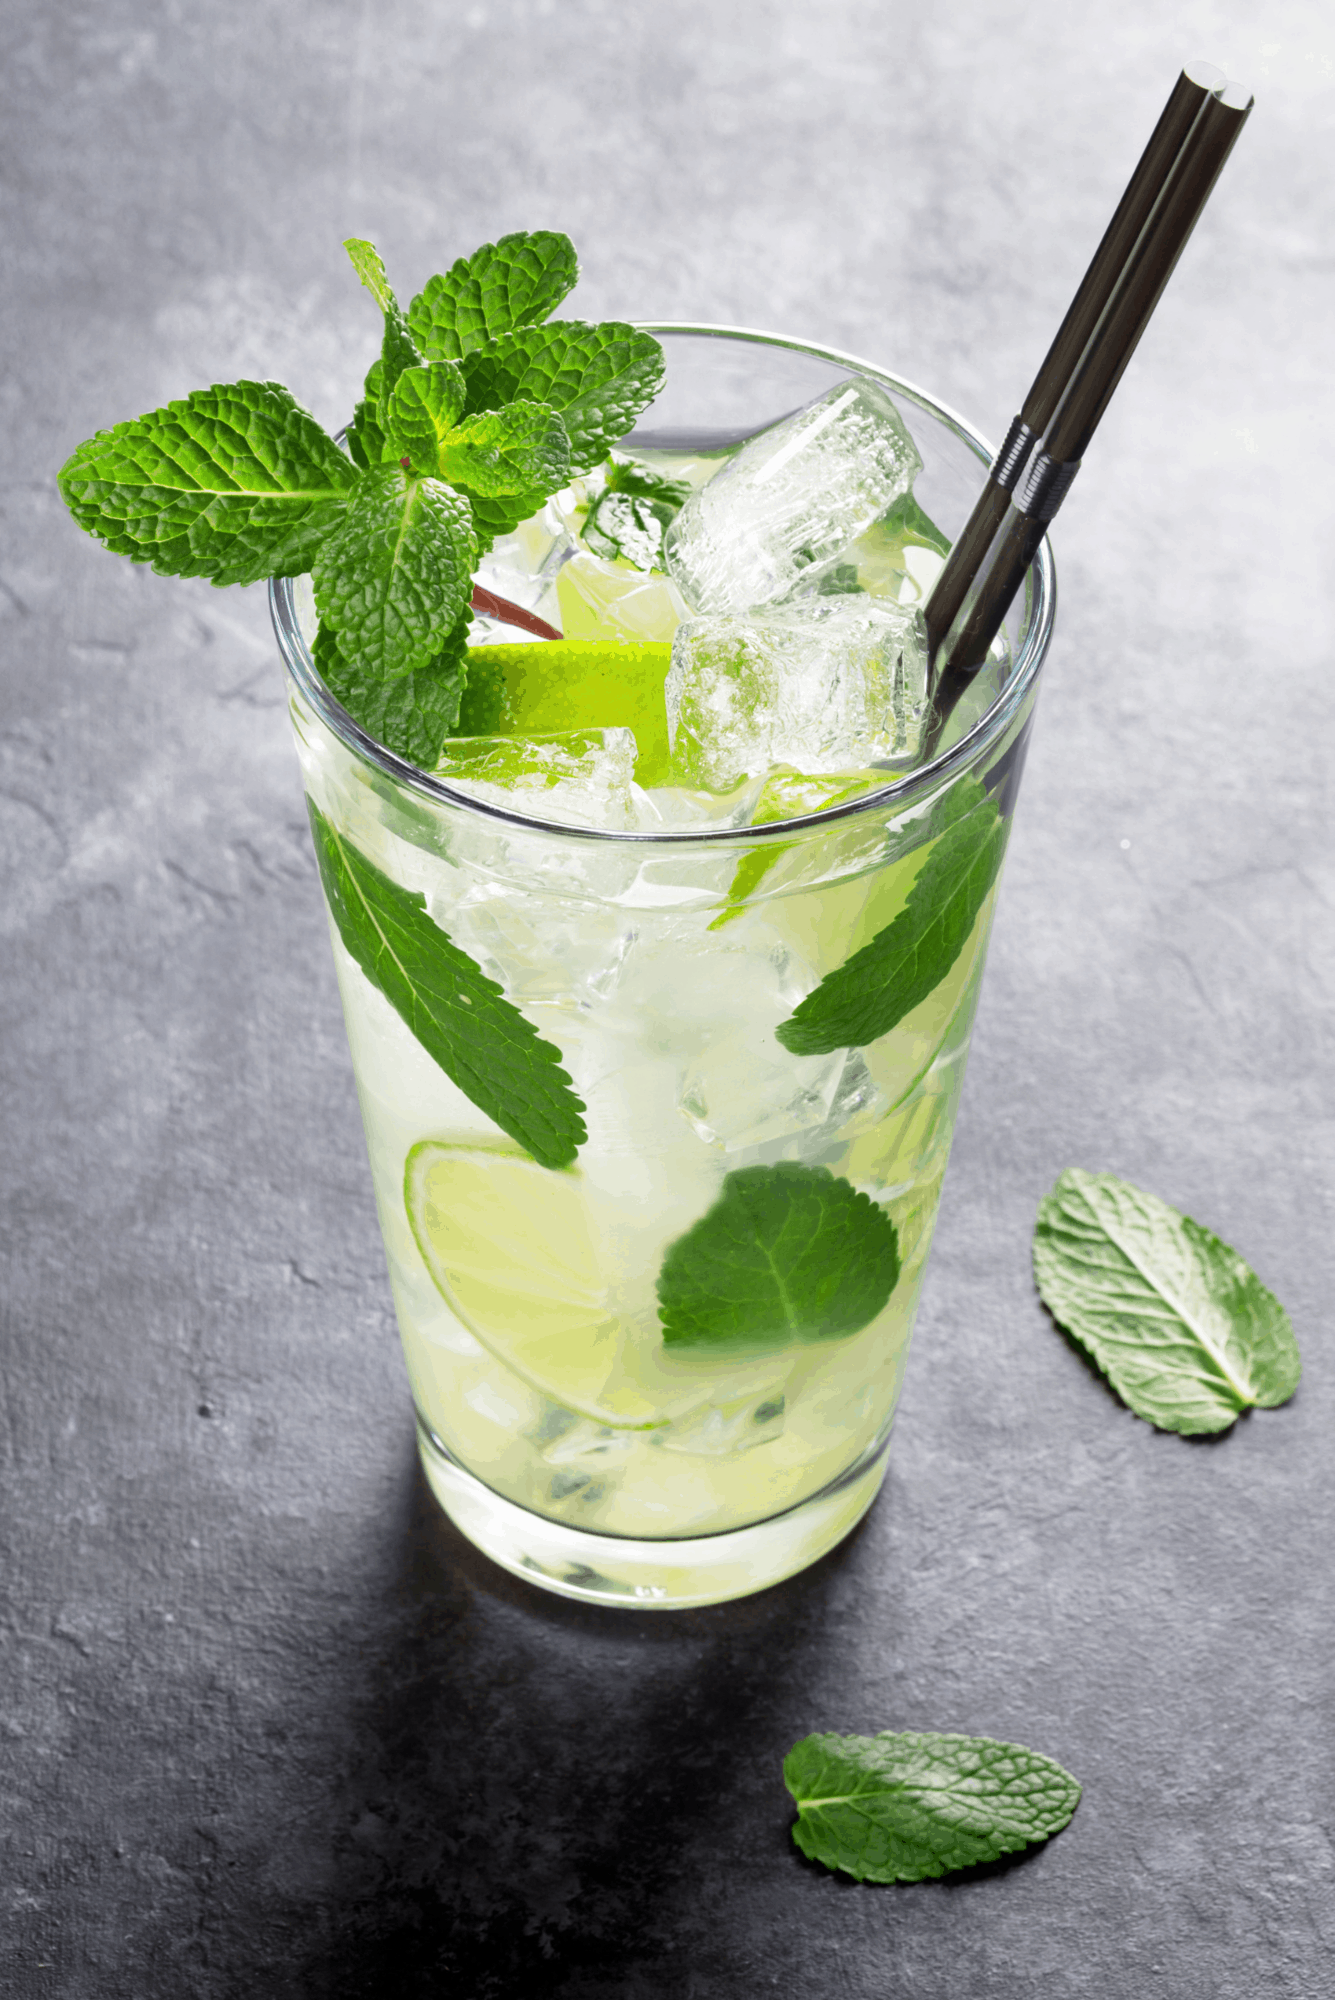 8 Healthiest Alcoholic Drinks